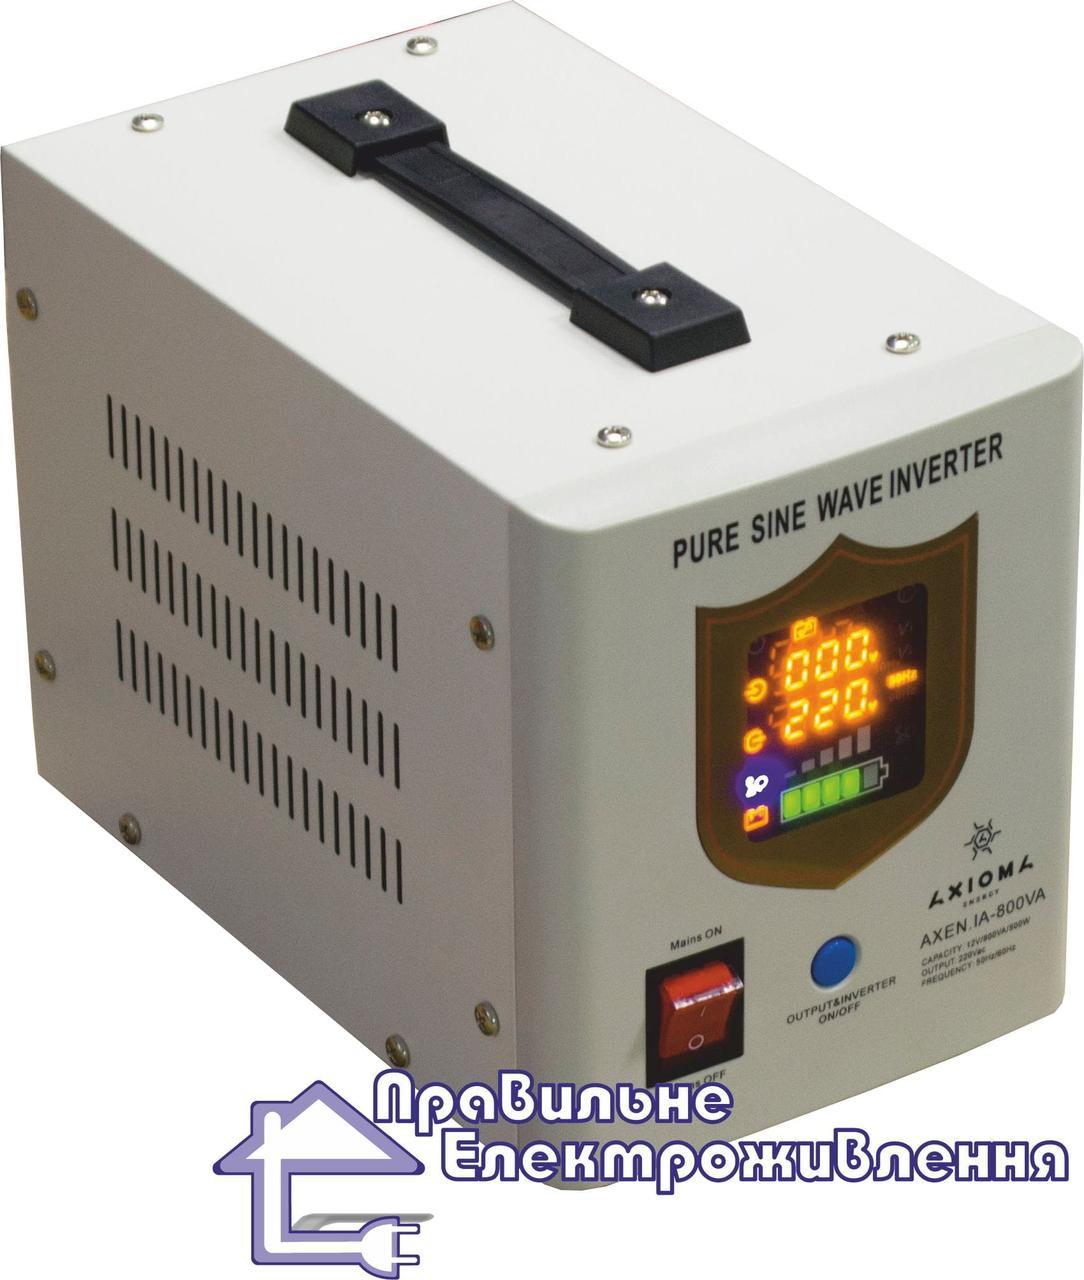 Джерело безперебійного живлення AXEN.IA-800VA ( 12В, 500 Вт)